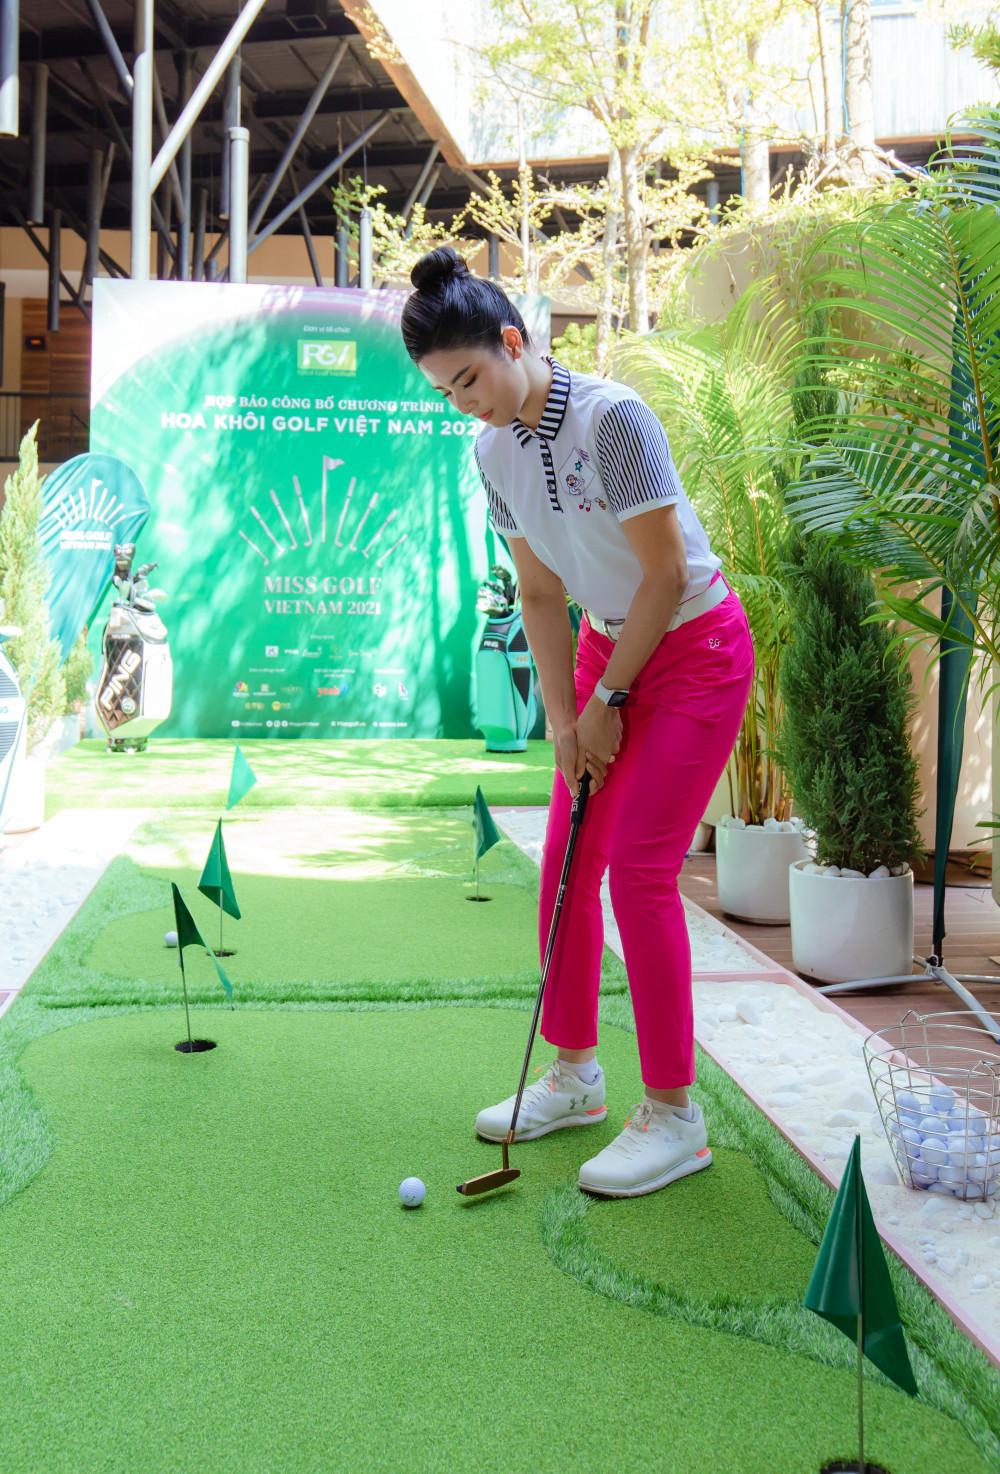 """""""Tôi từng thấy chơi golf như bác nông dân ra đồng, phải chịu nắng cực quá. Nhưng khi chơi và bắt đầu có những thành tích nho nhỏ, tôi cảm thấy vui kinh khủng. Tinh thần trở nên sảng khoái, phấn khích"""", Hoa hậu Việt Nam 2010 chia sẻ."""